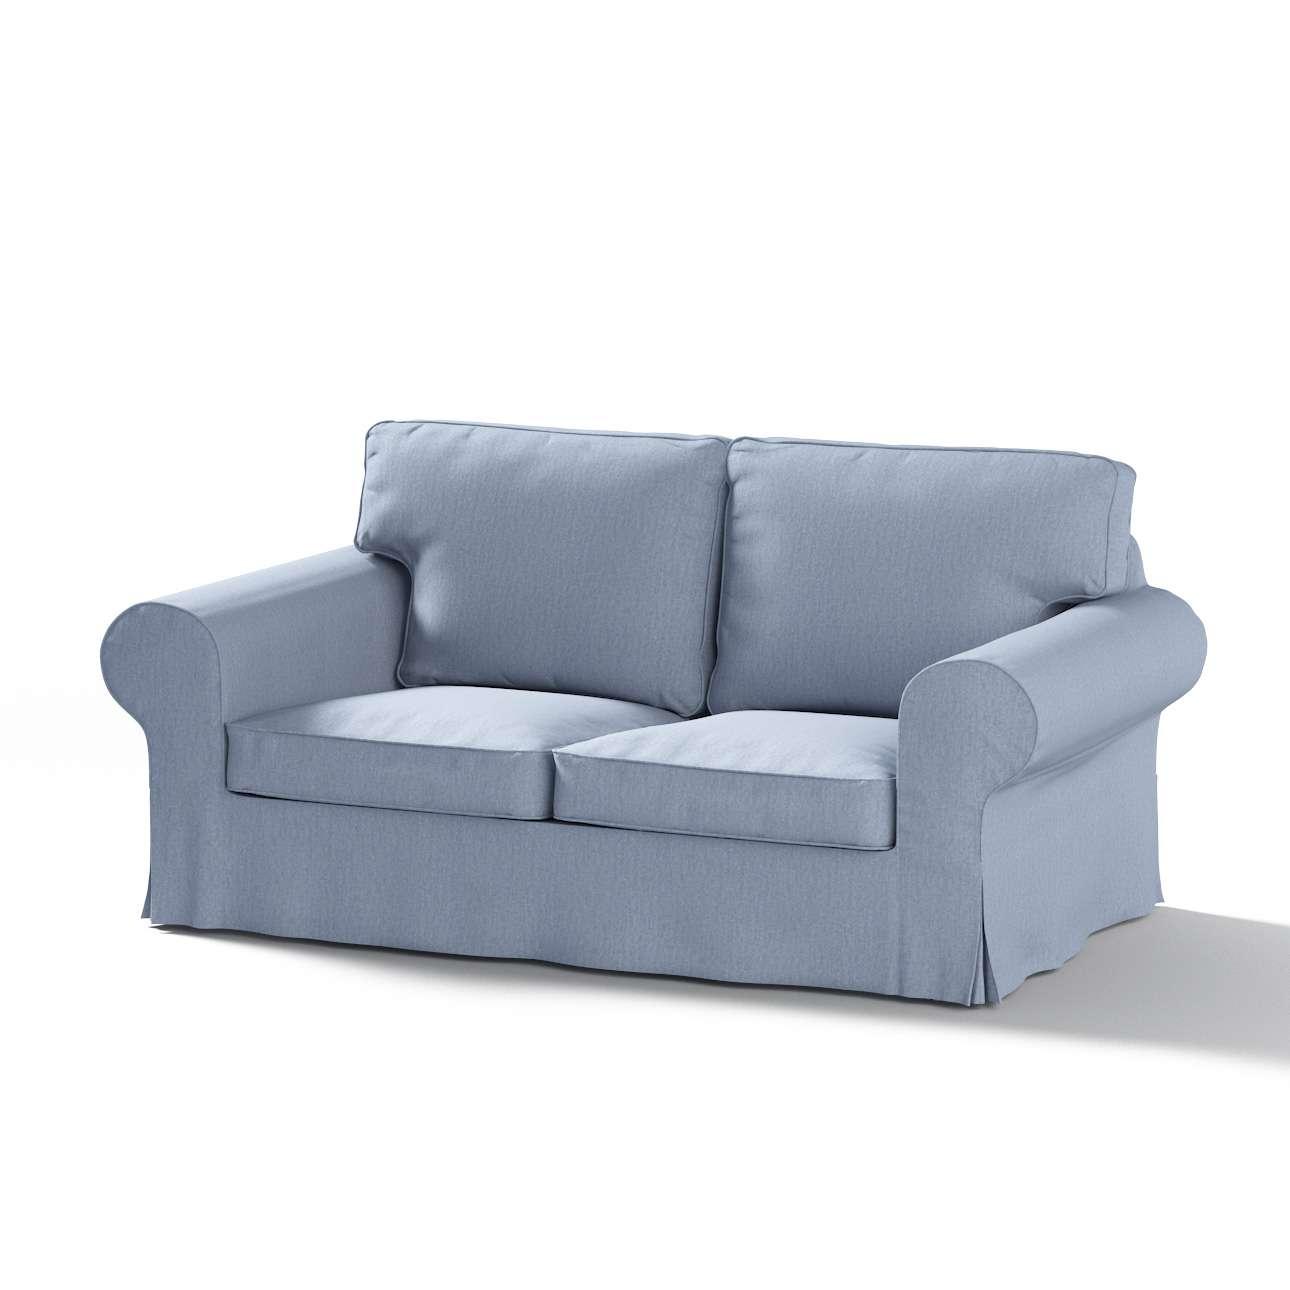 Blauwe Ikea Slaapbank.Ikea Hoes Overtrek Voor 2 Zitsslaapbank Zilver Blauw 702 13